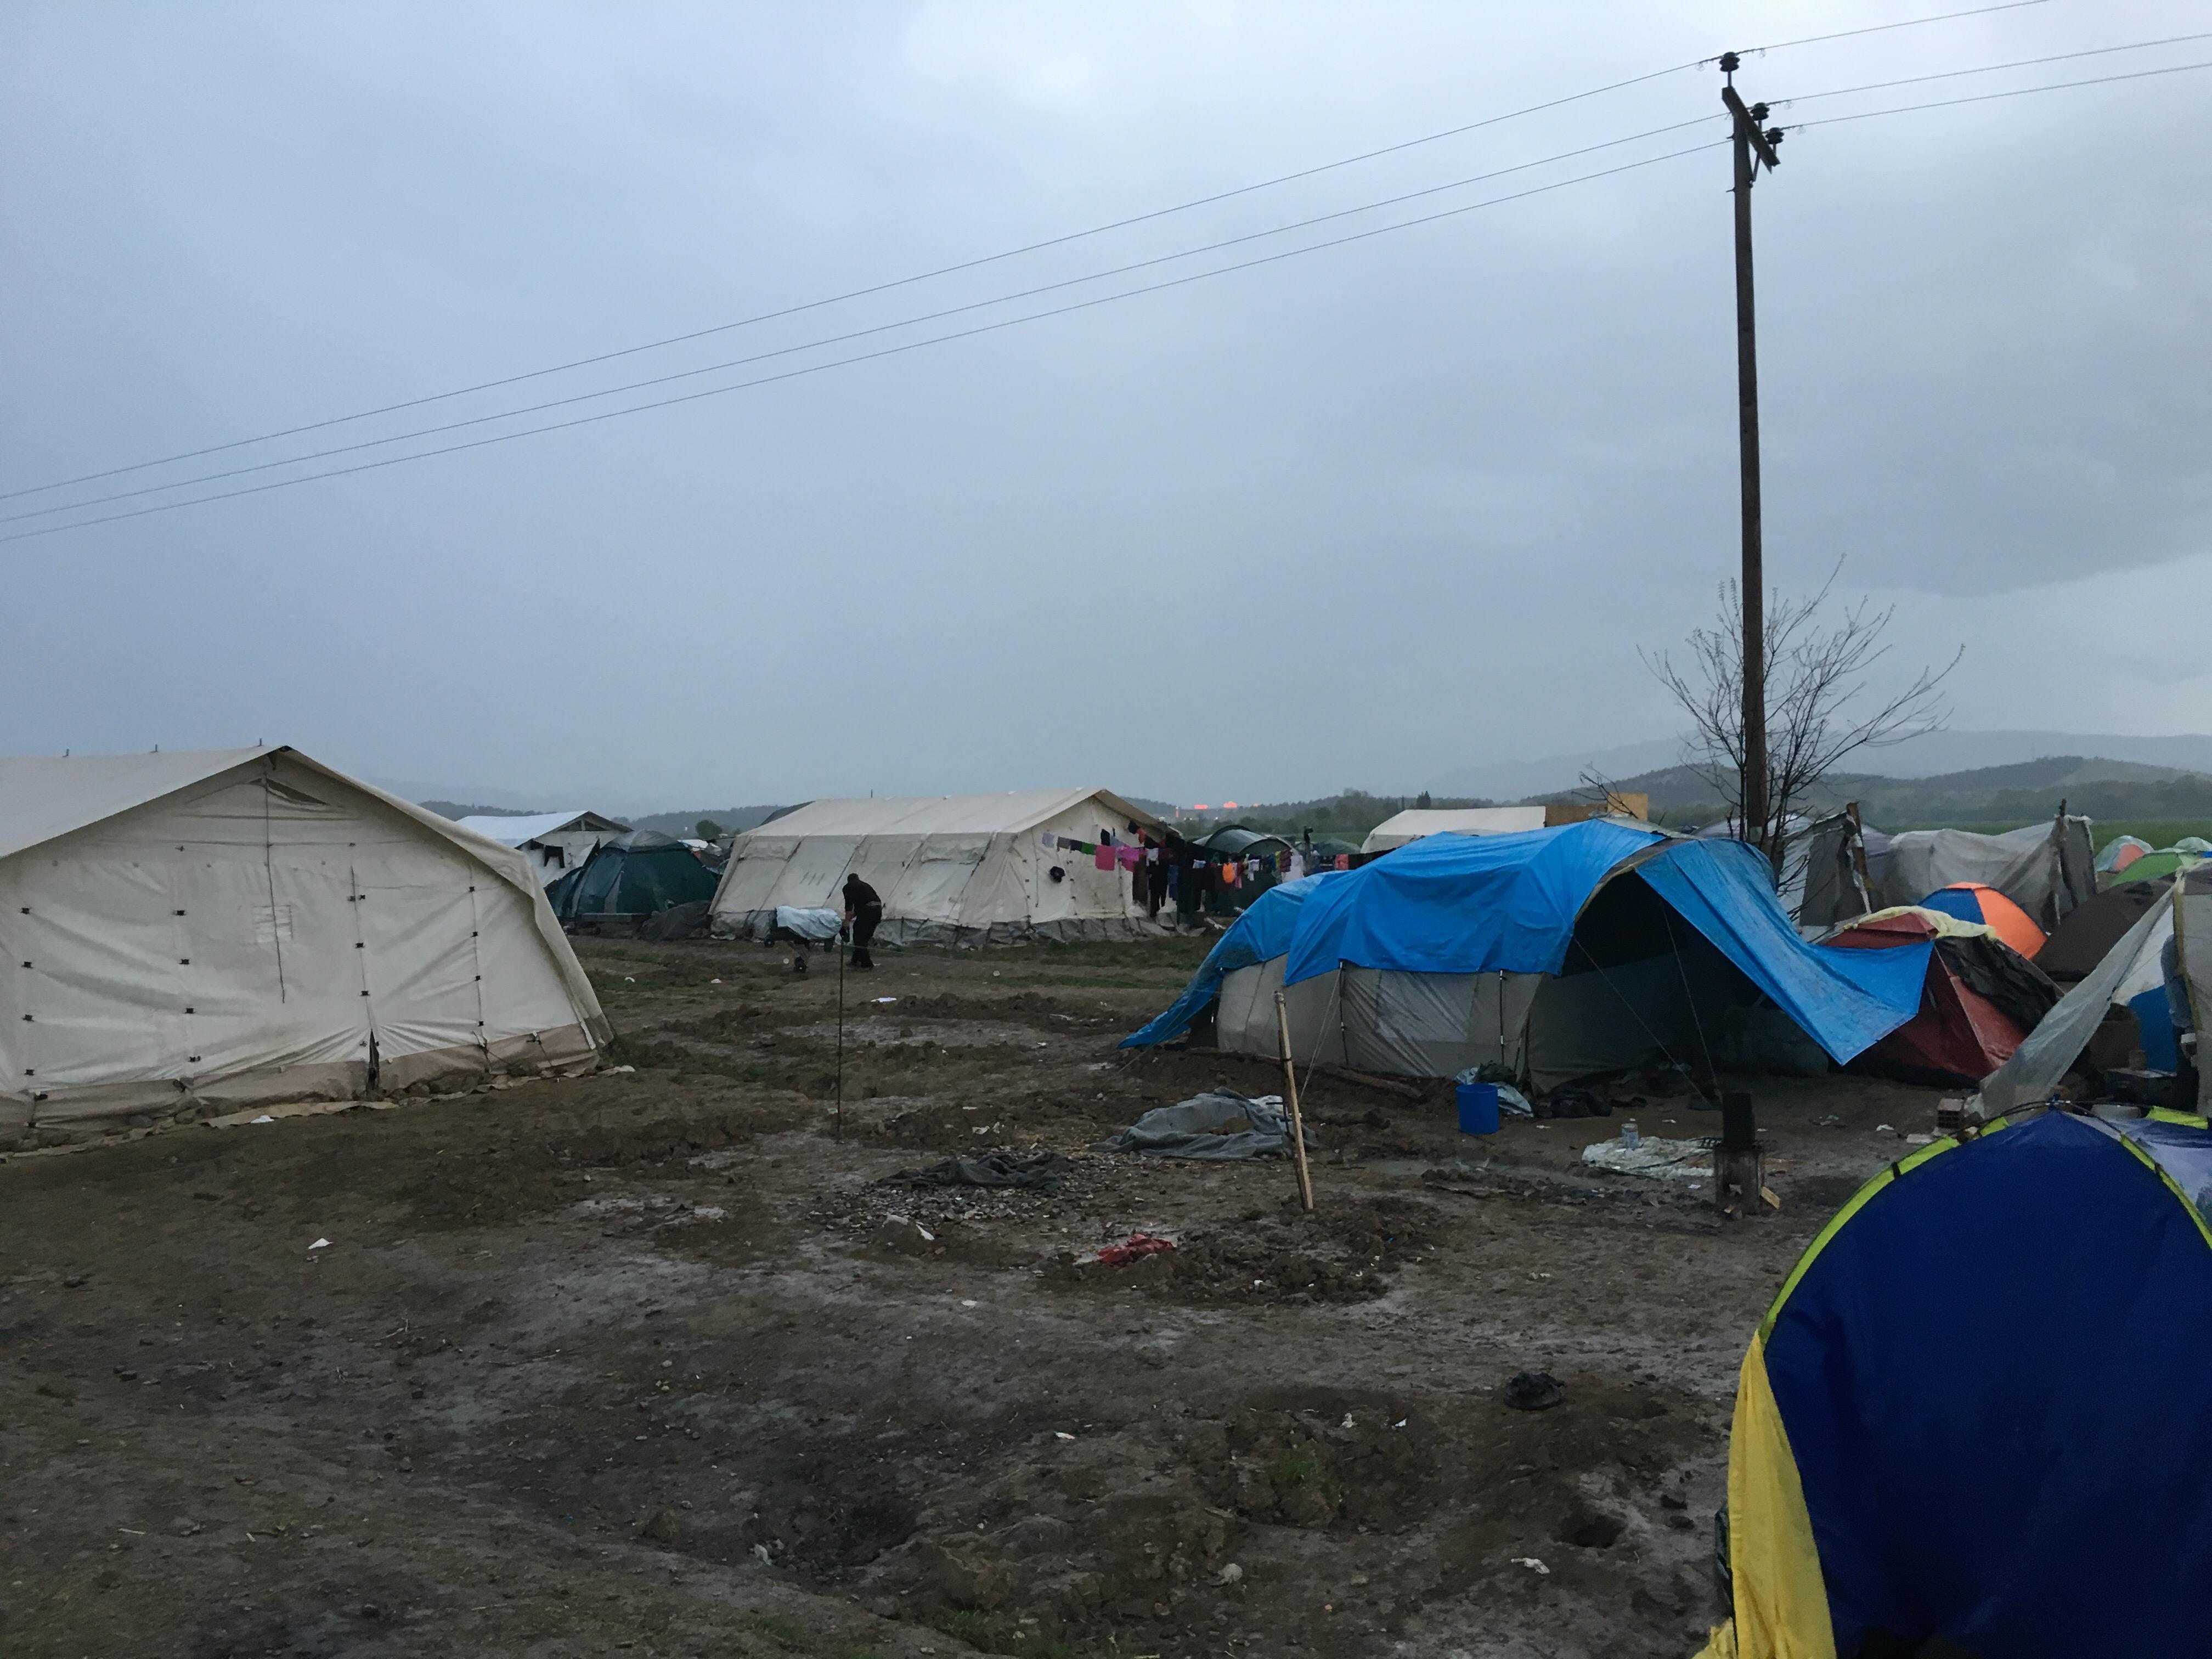 Eindruck: Camp im Regen